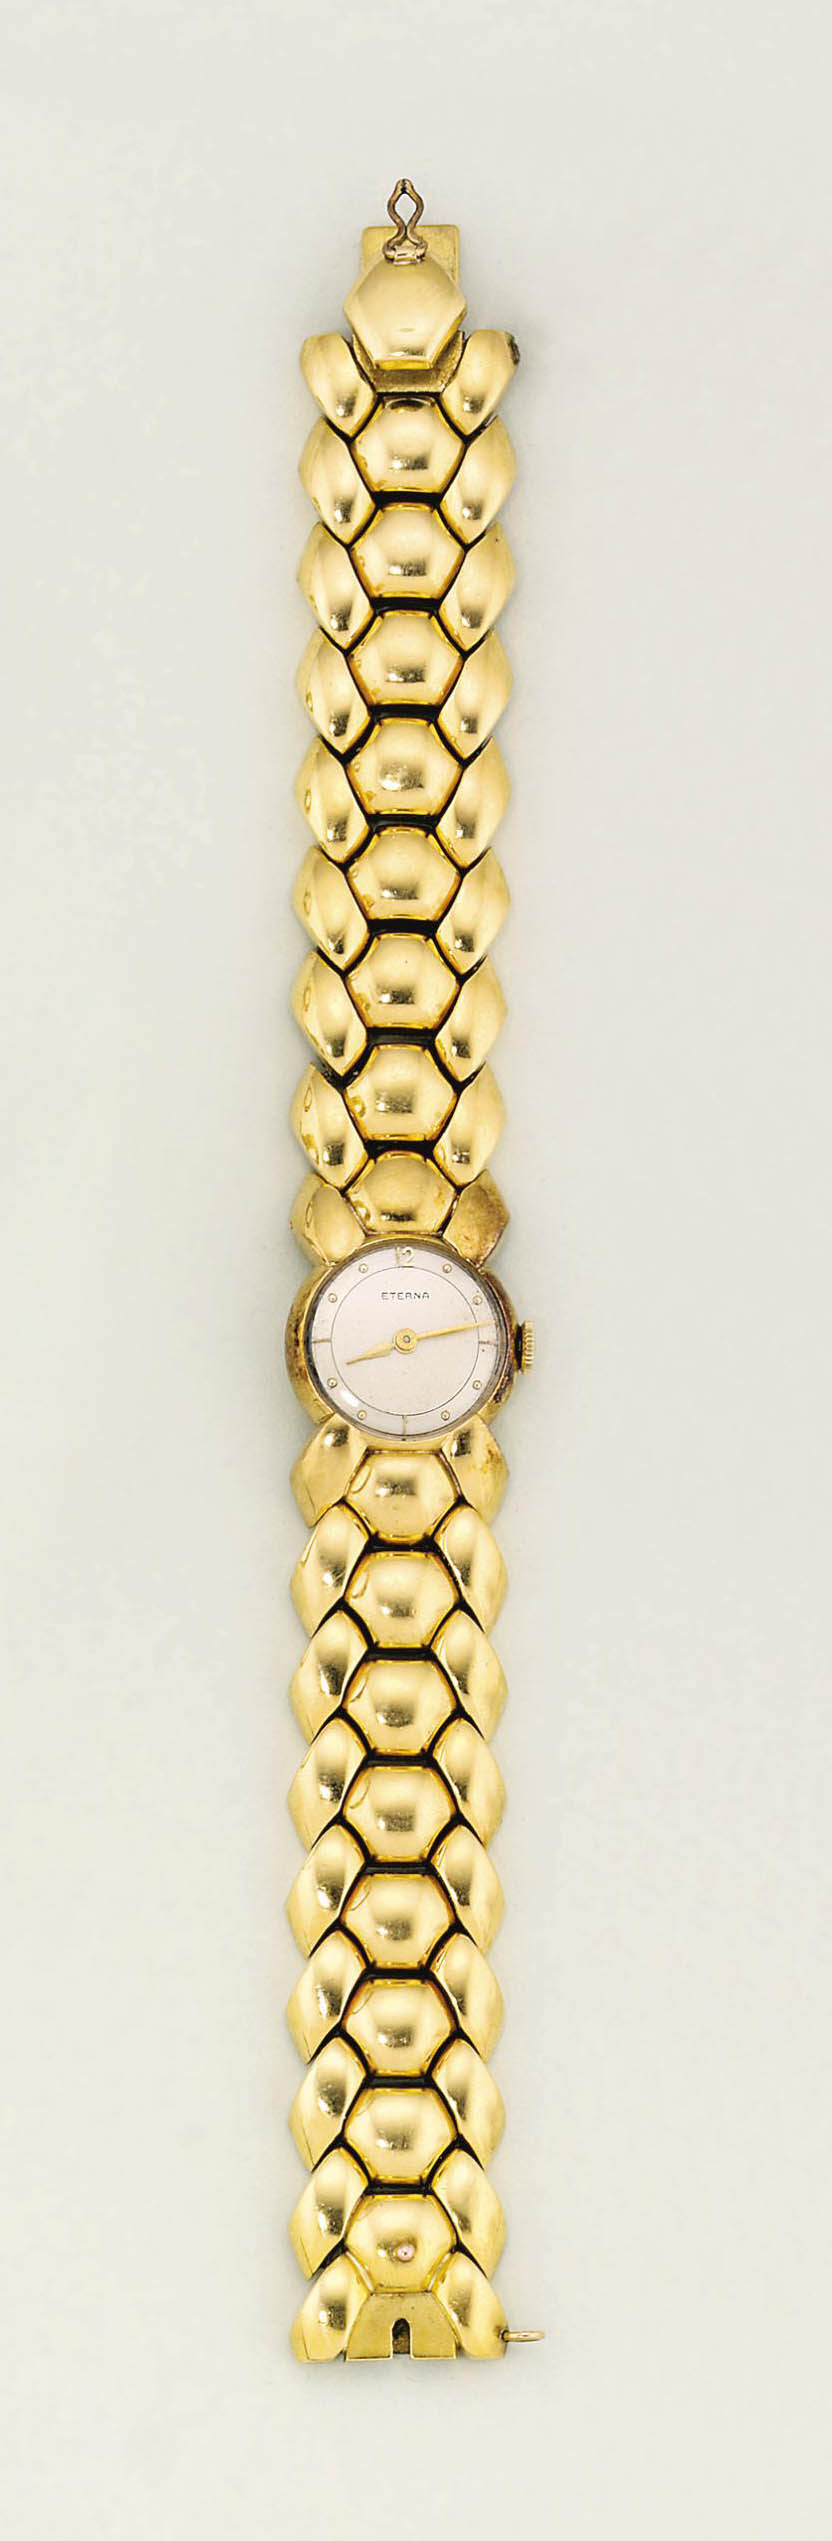 A bracelet watch, by Eterna